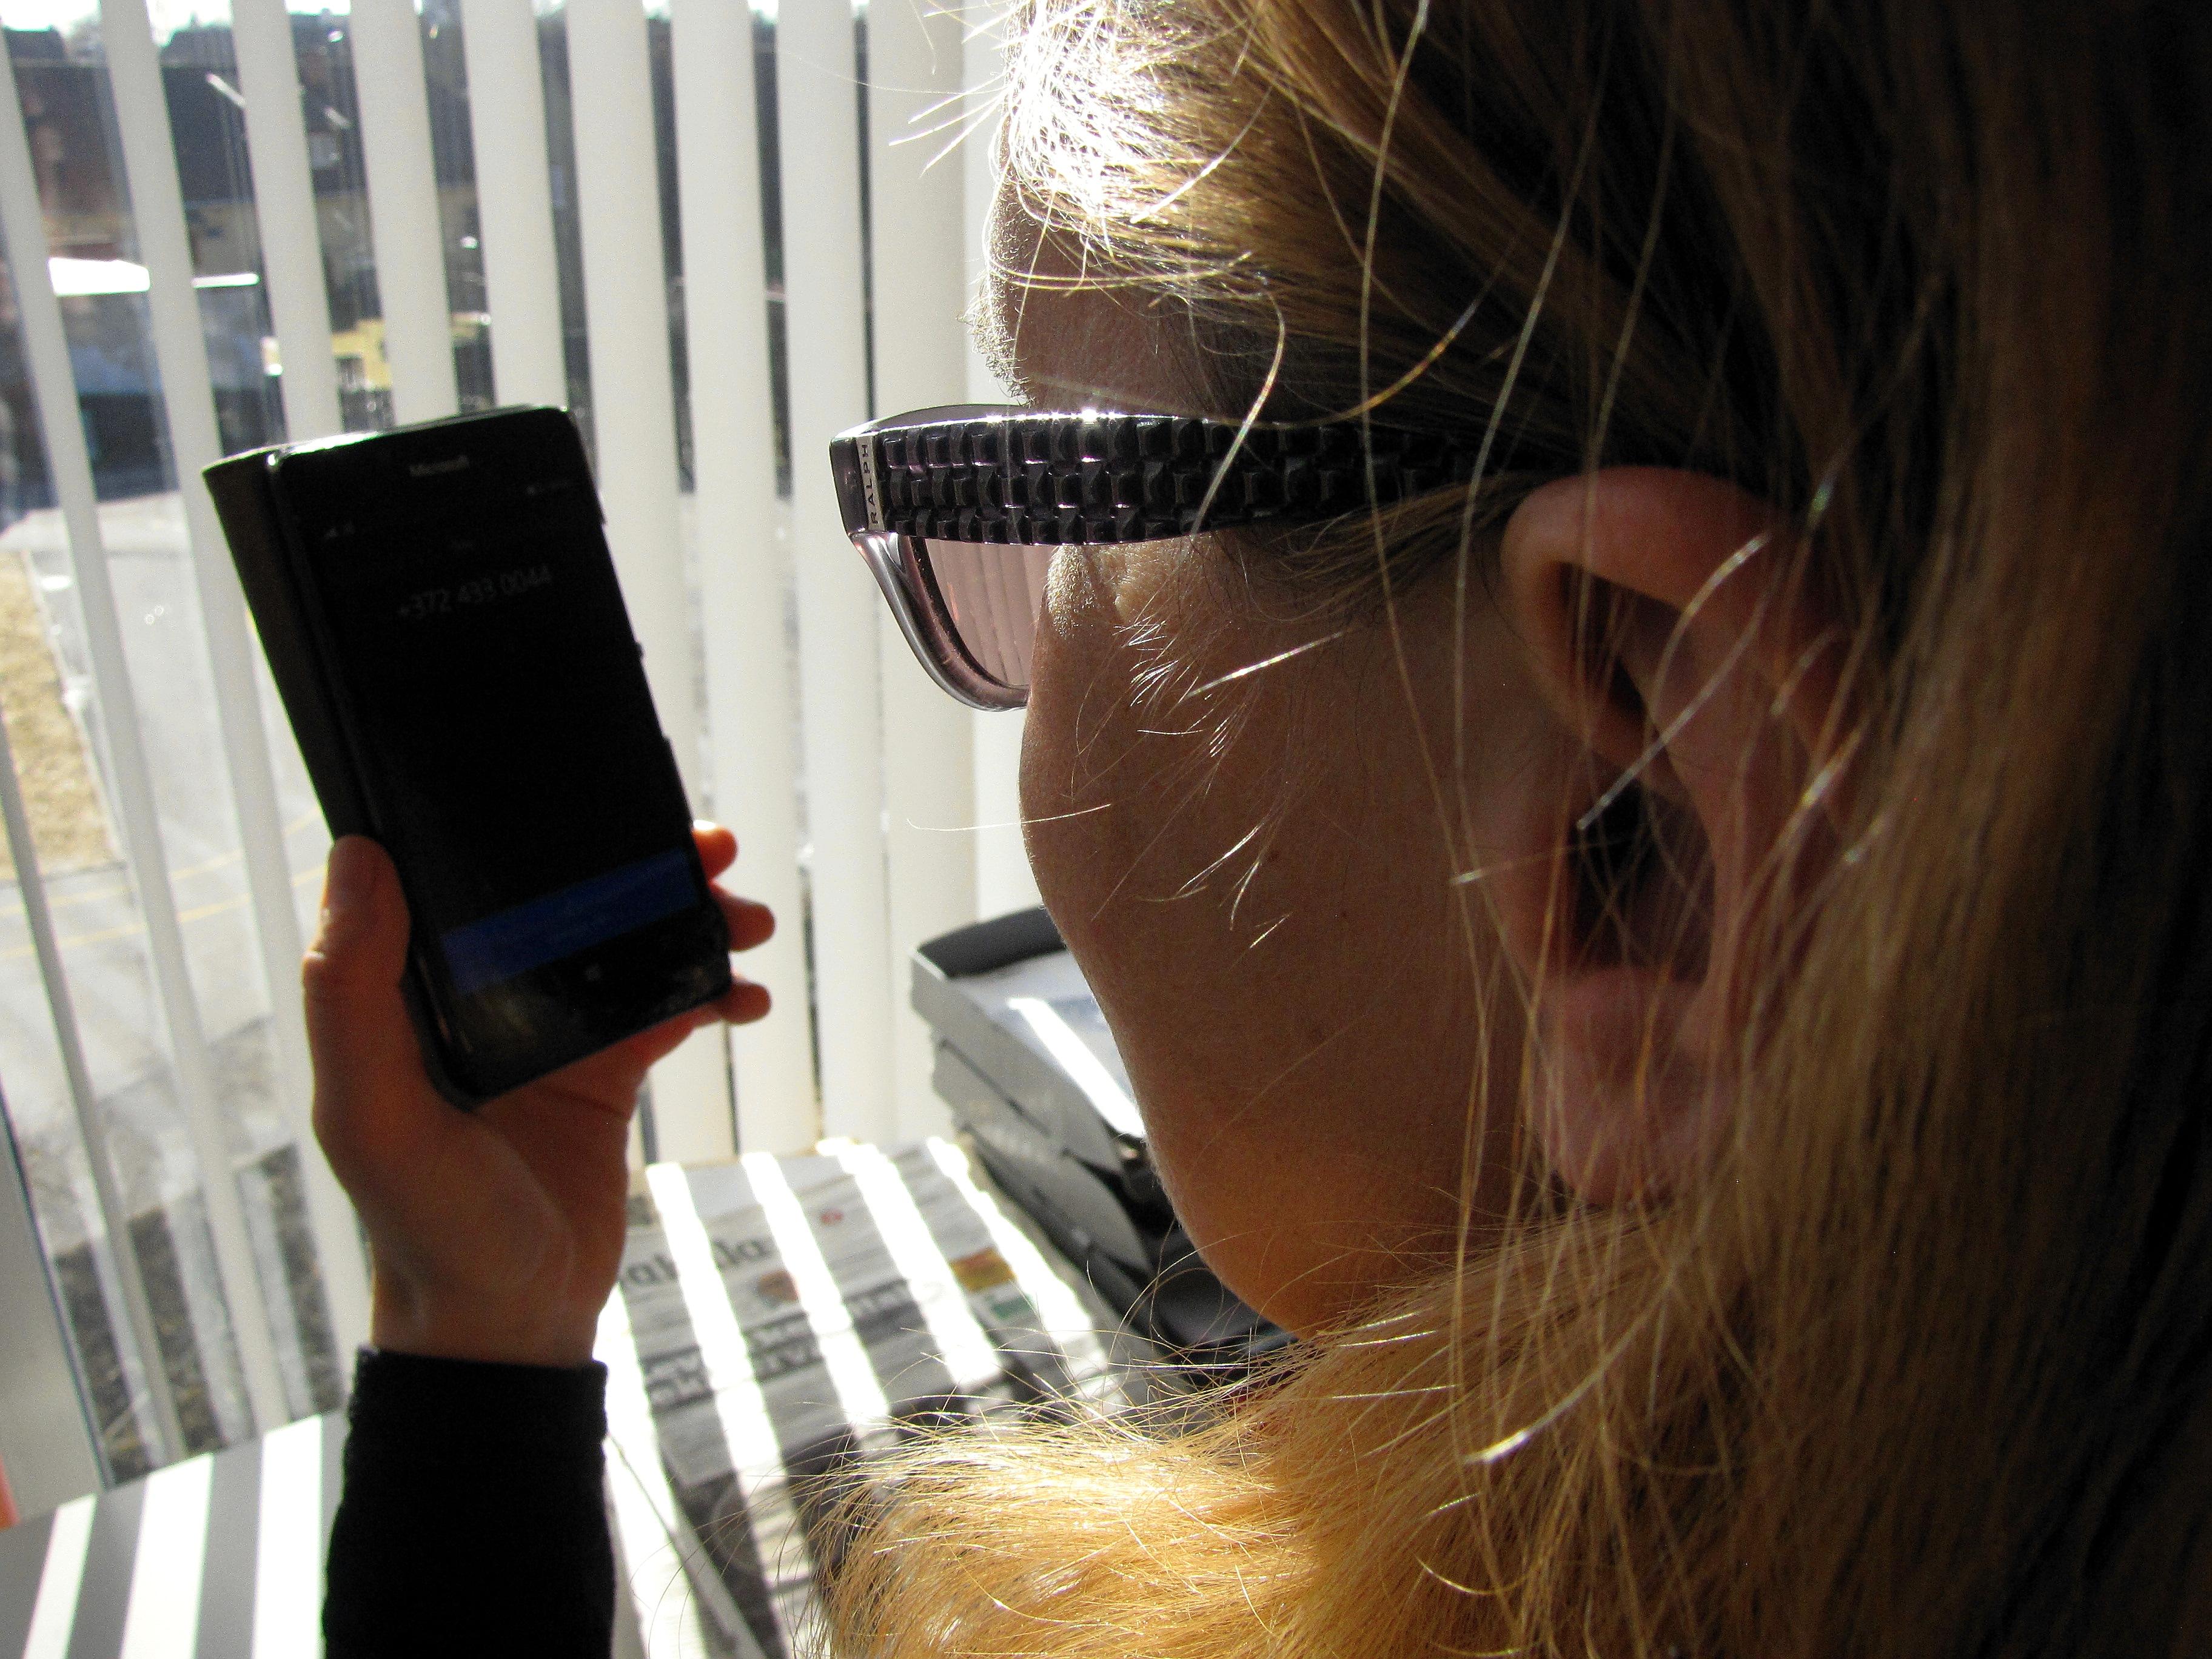 Ootamatu käik: Tele2 blokeerib massilise petukõnede lainega seotud välismaised telefoninumbrid